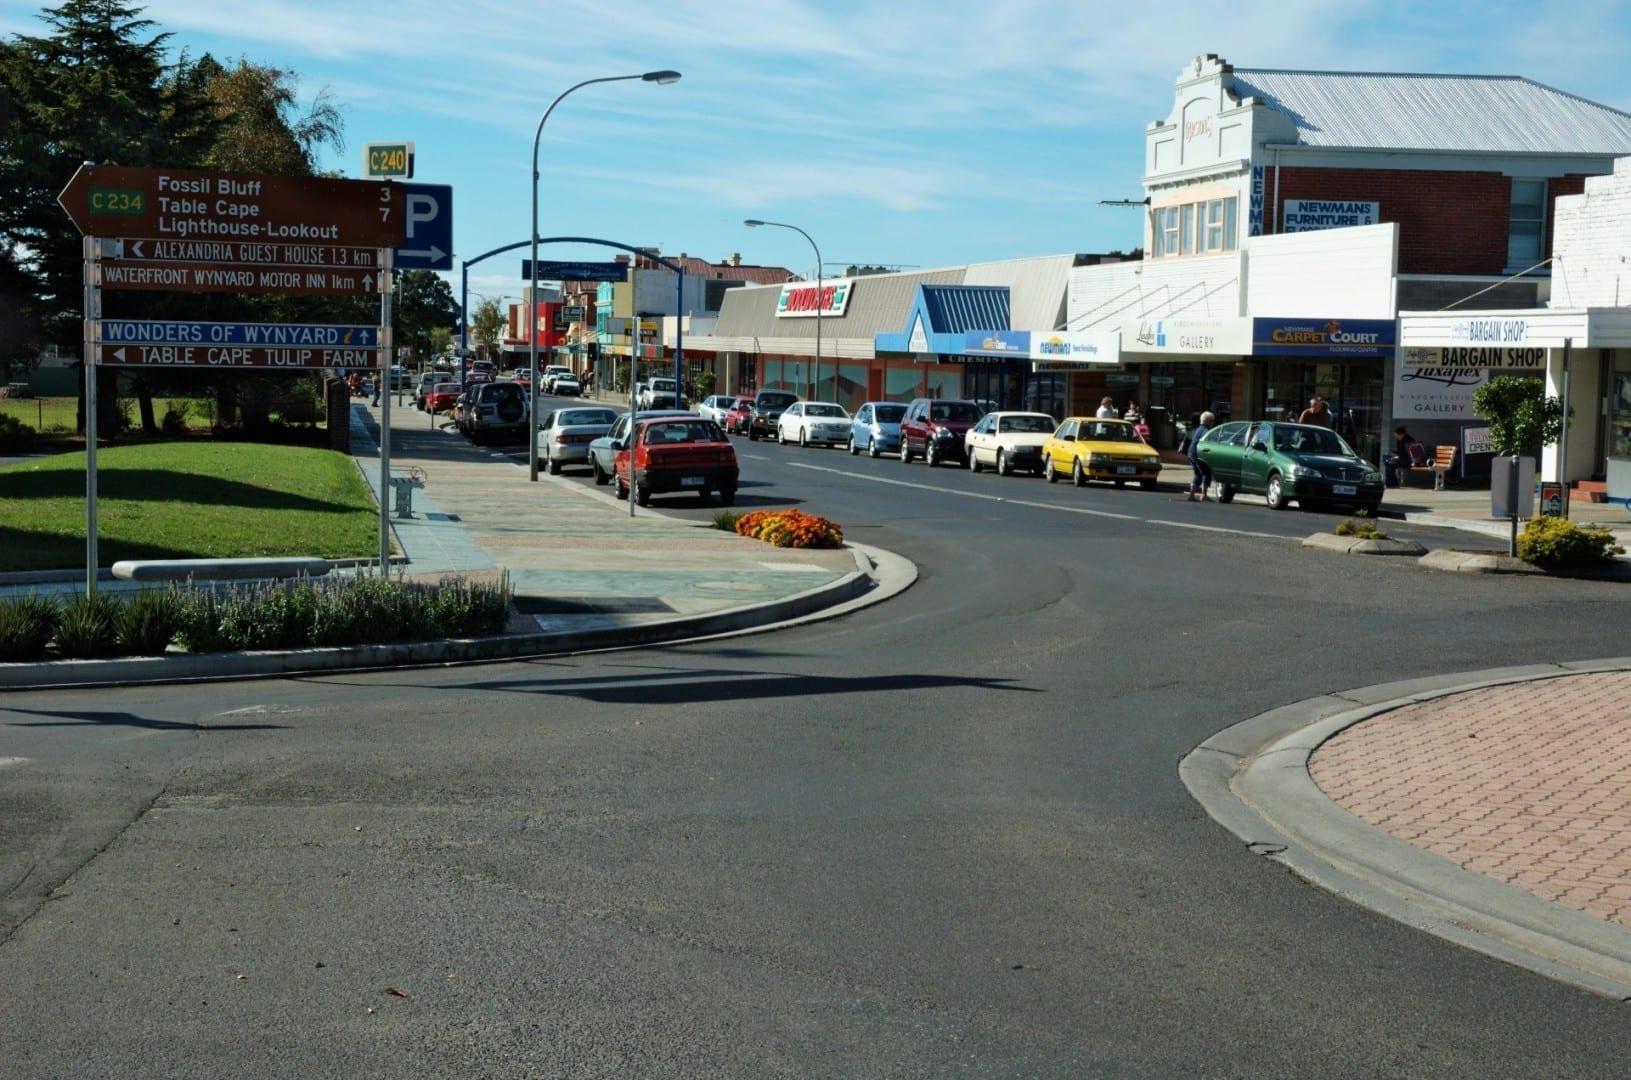 La calle Goldie, la principal calle comercial de Wynyard Wynyard Australia